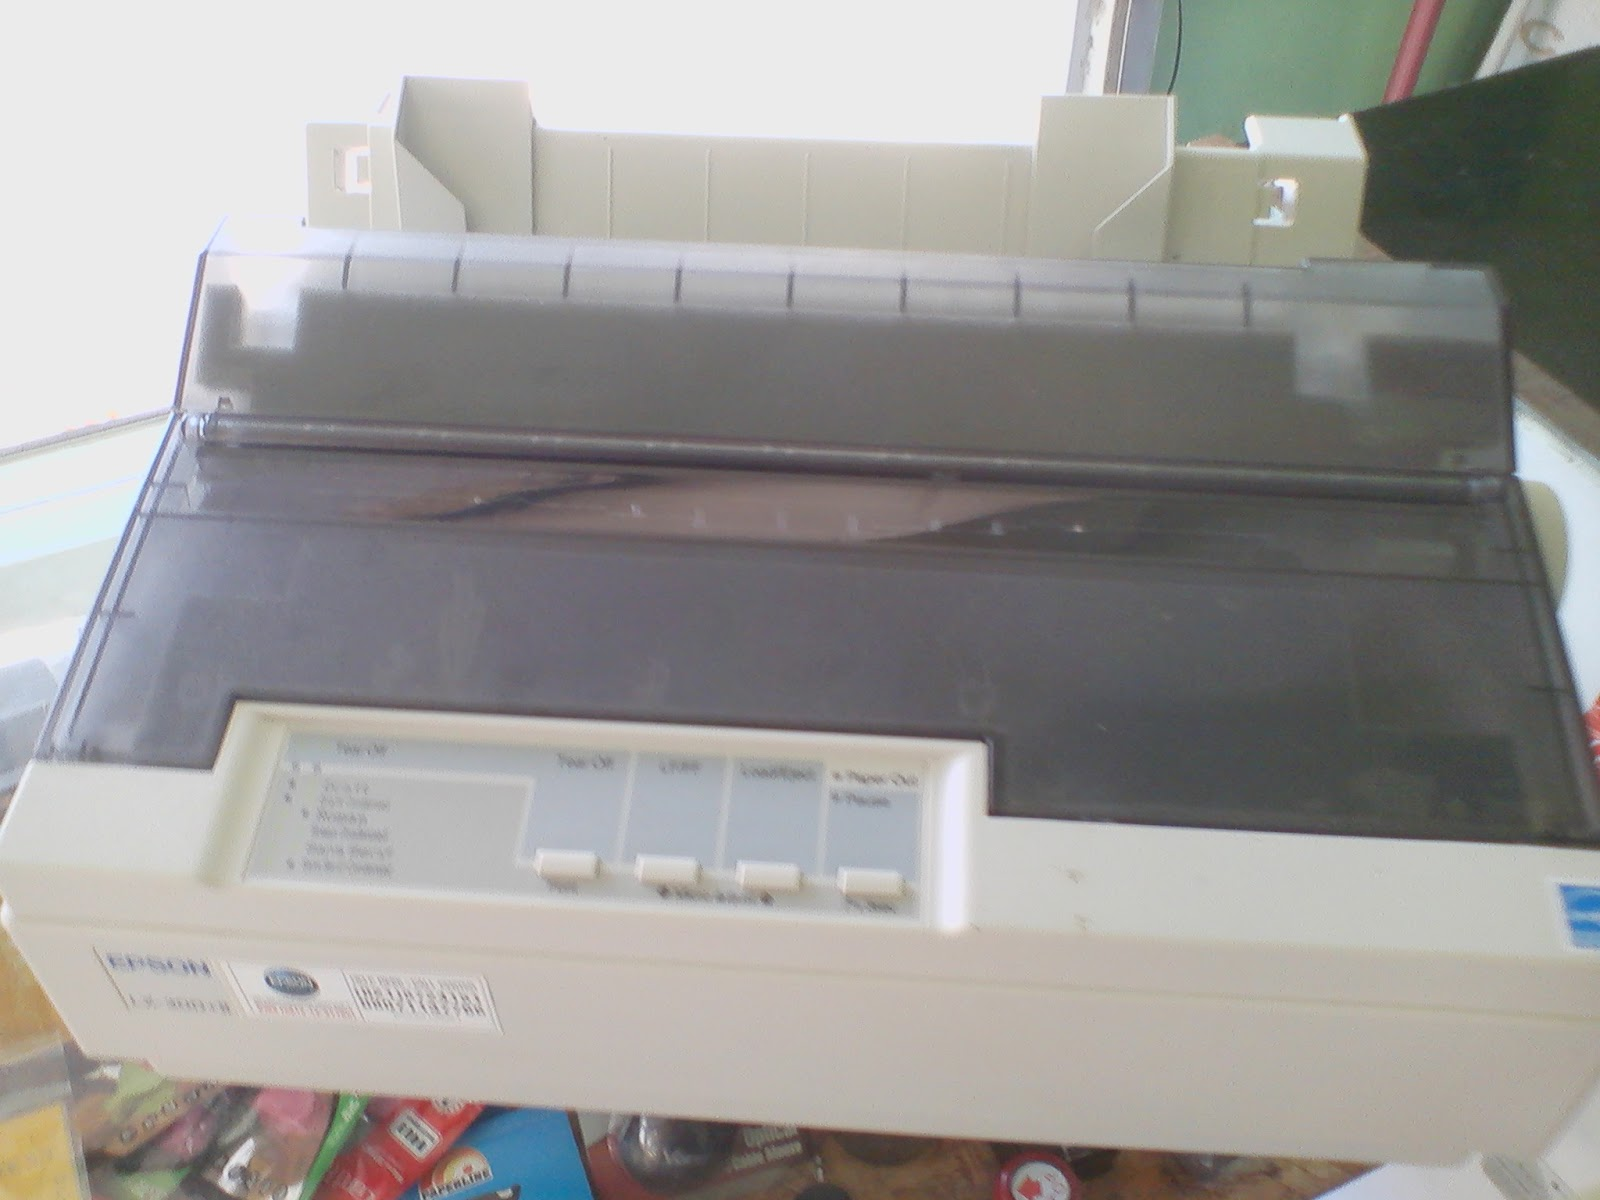 Epson Printer Service Center Epson Printer Service Center